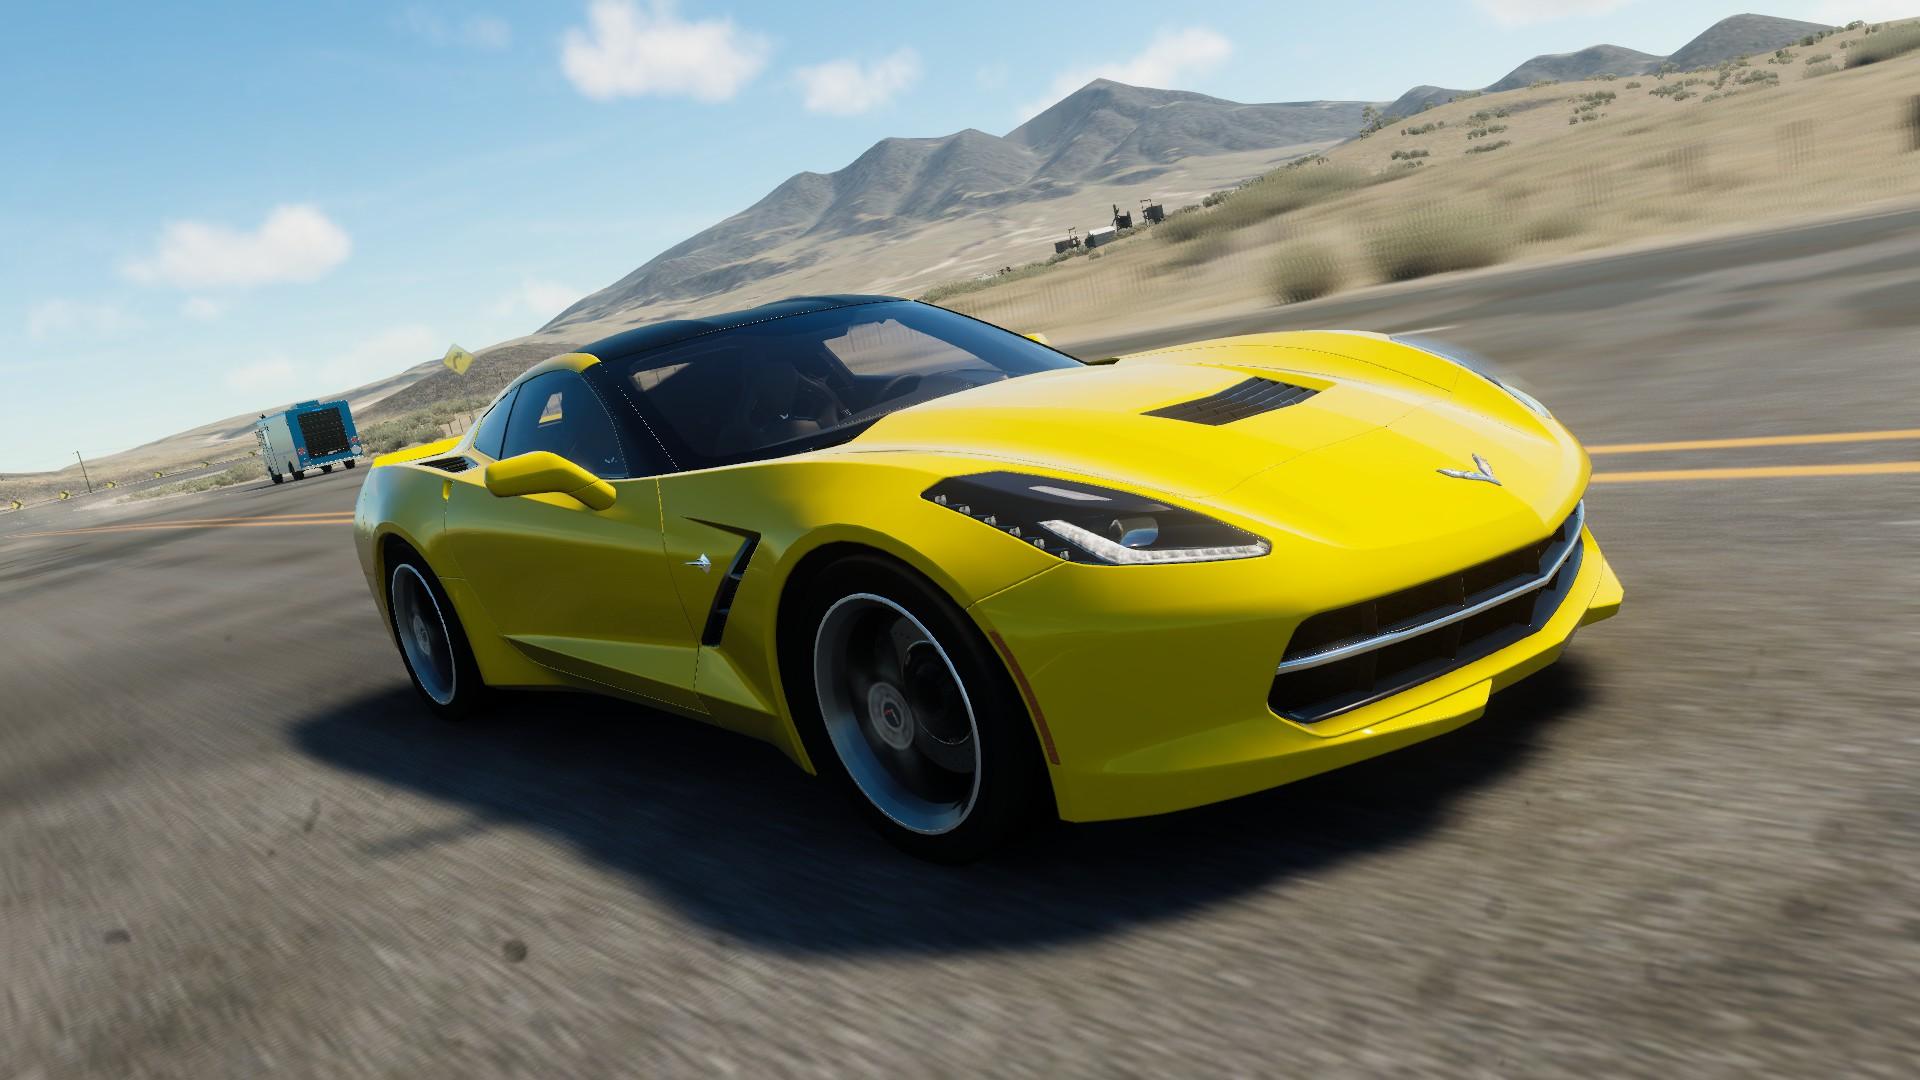 2014 Chevrolet Corvette Stingray The Crew Wiki Fandom Powered By Wikia